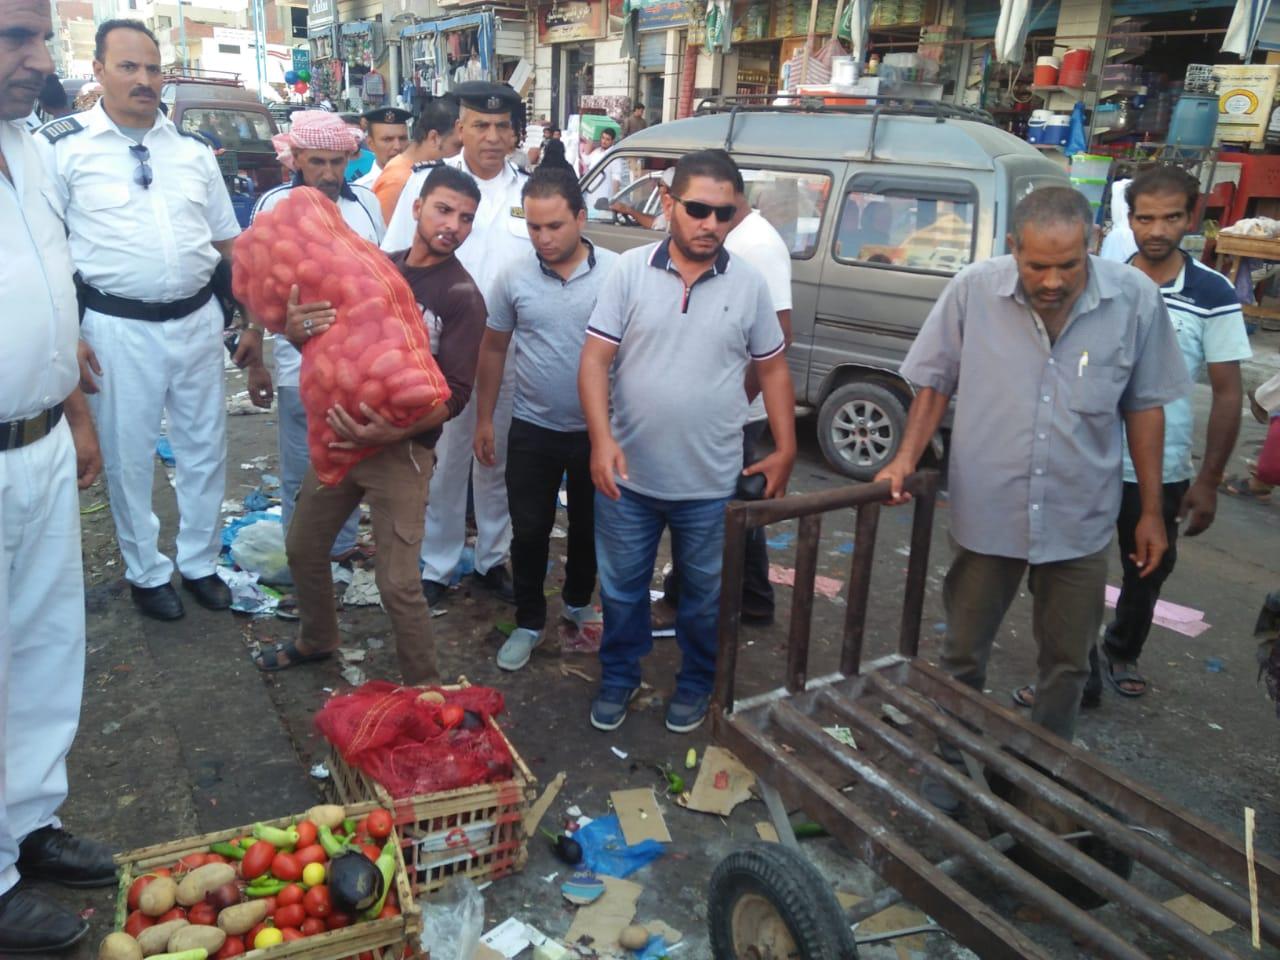 حملة لإزالة الإشغالات وباعة الخضراوات من شوارع مطروح (1)